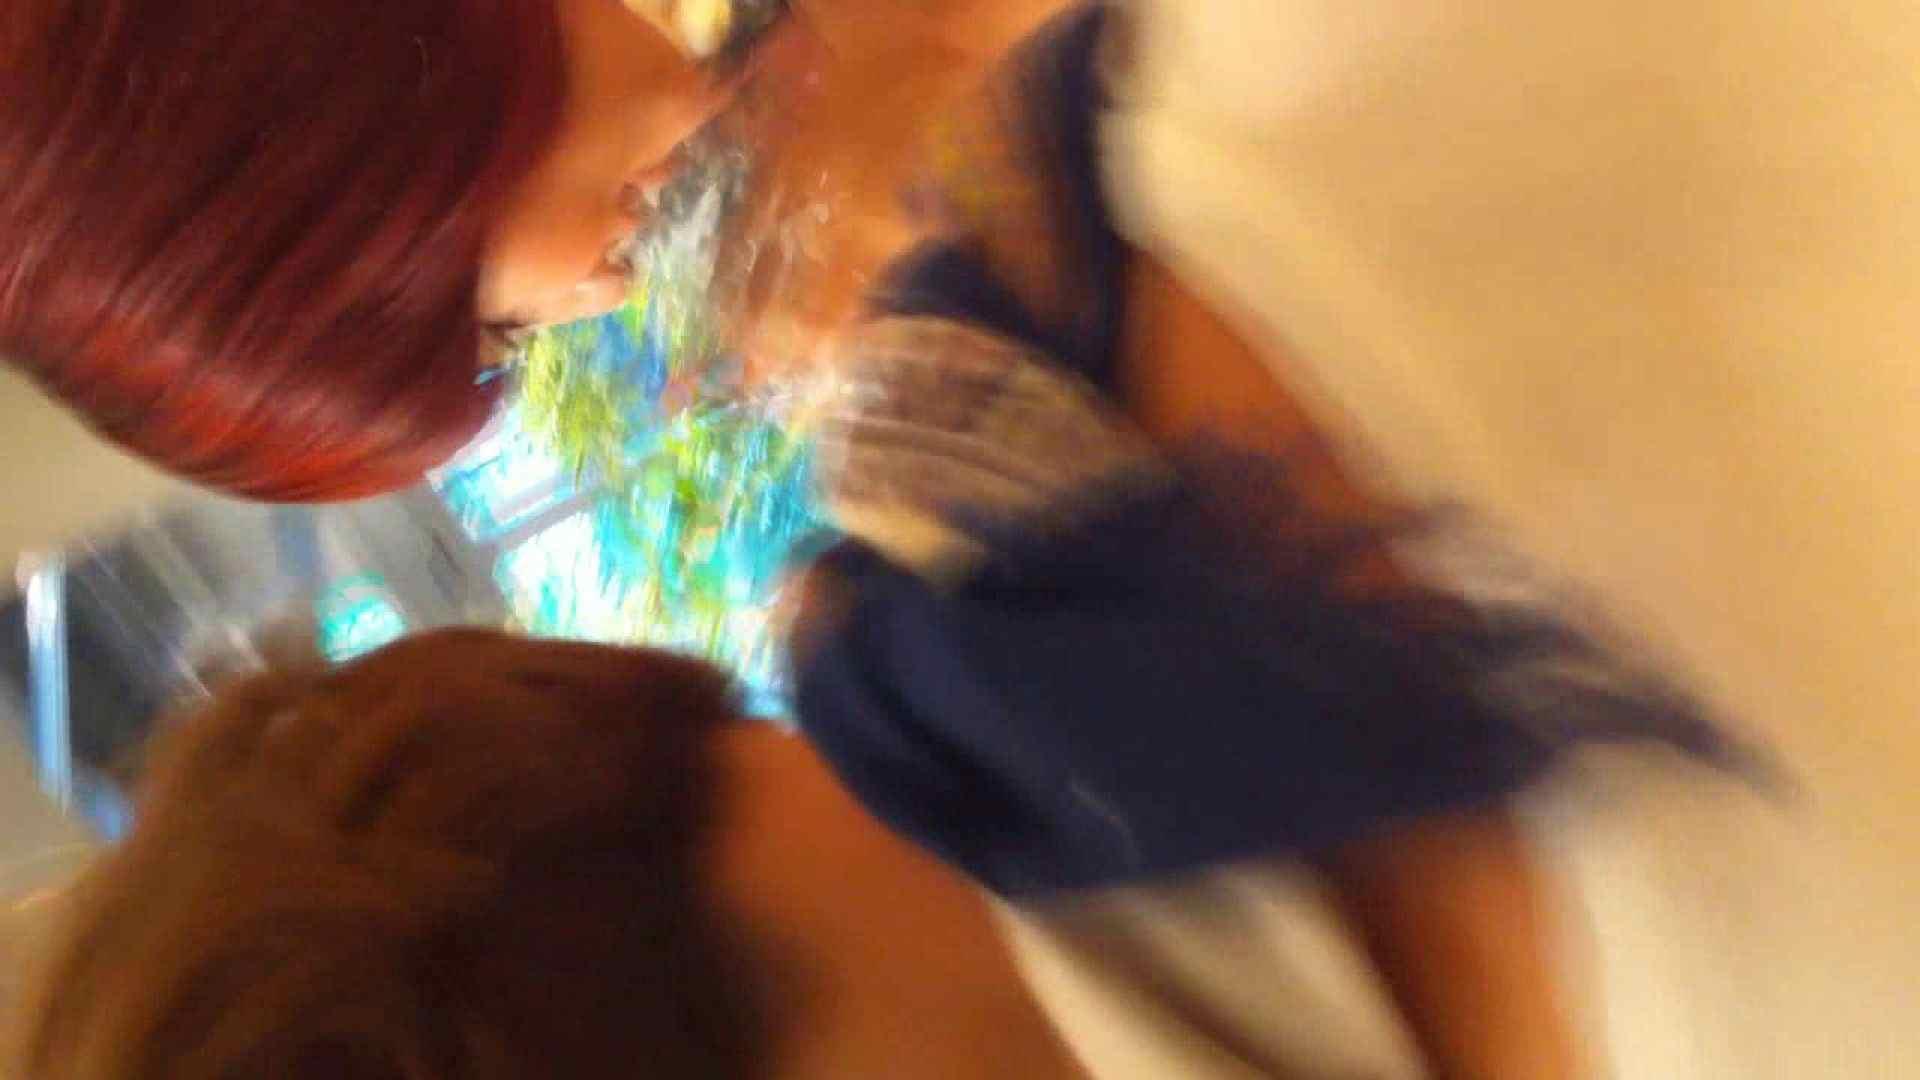 フルHD ショップ店員千人斬り! 大画面ノーカット完全版 vol.07 OLエロ画像 隠し撮りすけべAV動画紹介 109PICs 22